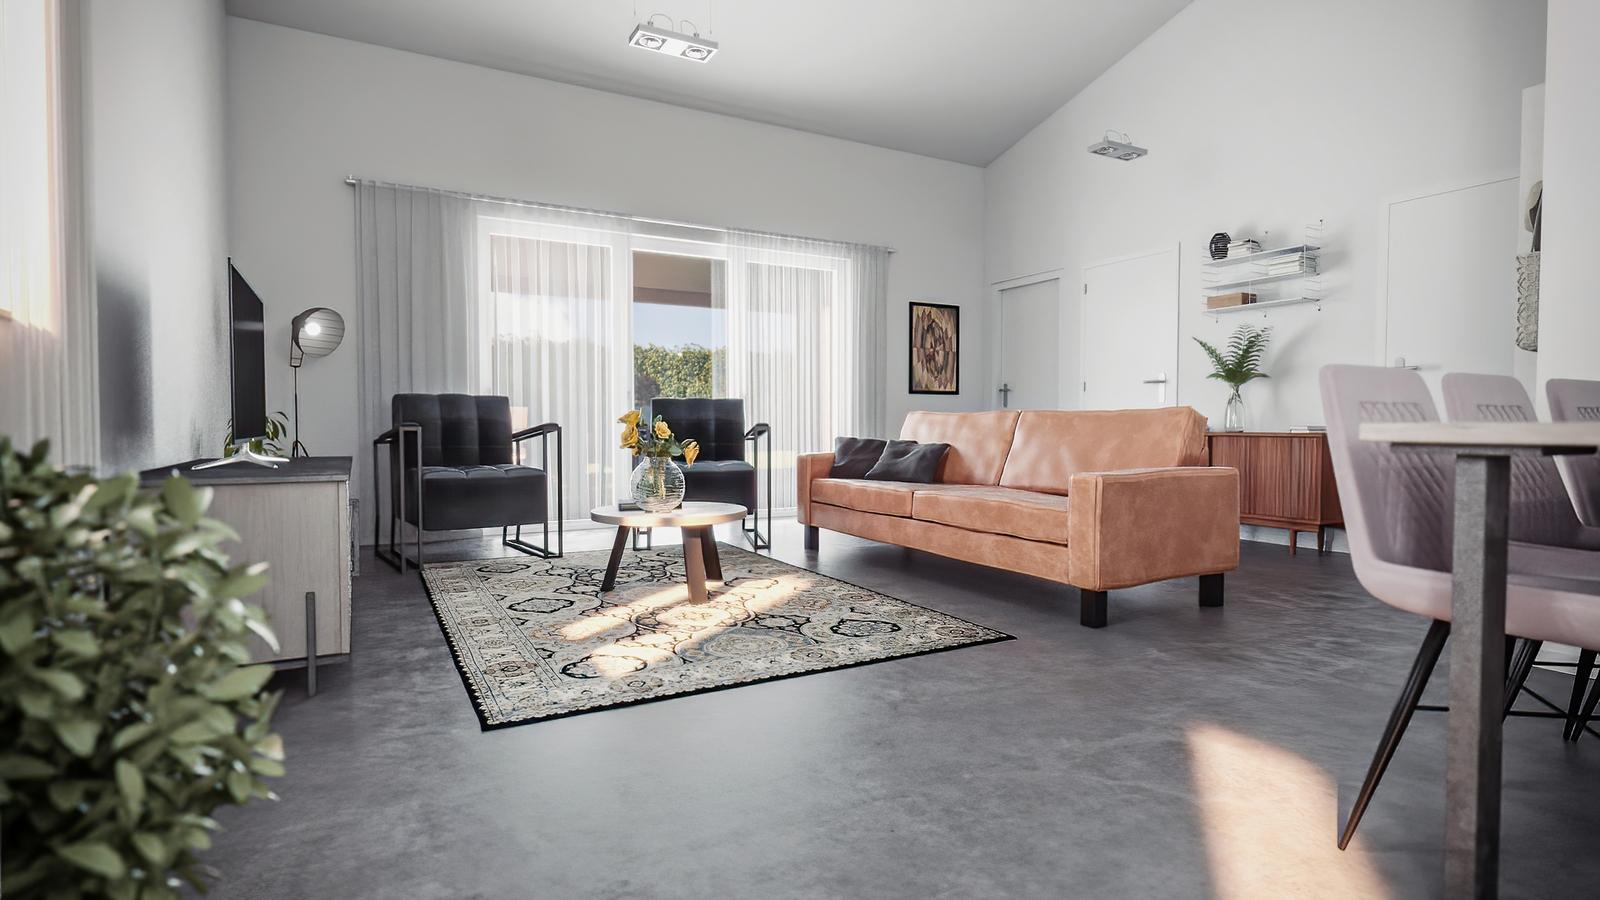 3-kamer villa voor 4 personen - type 2